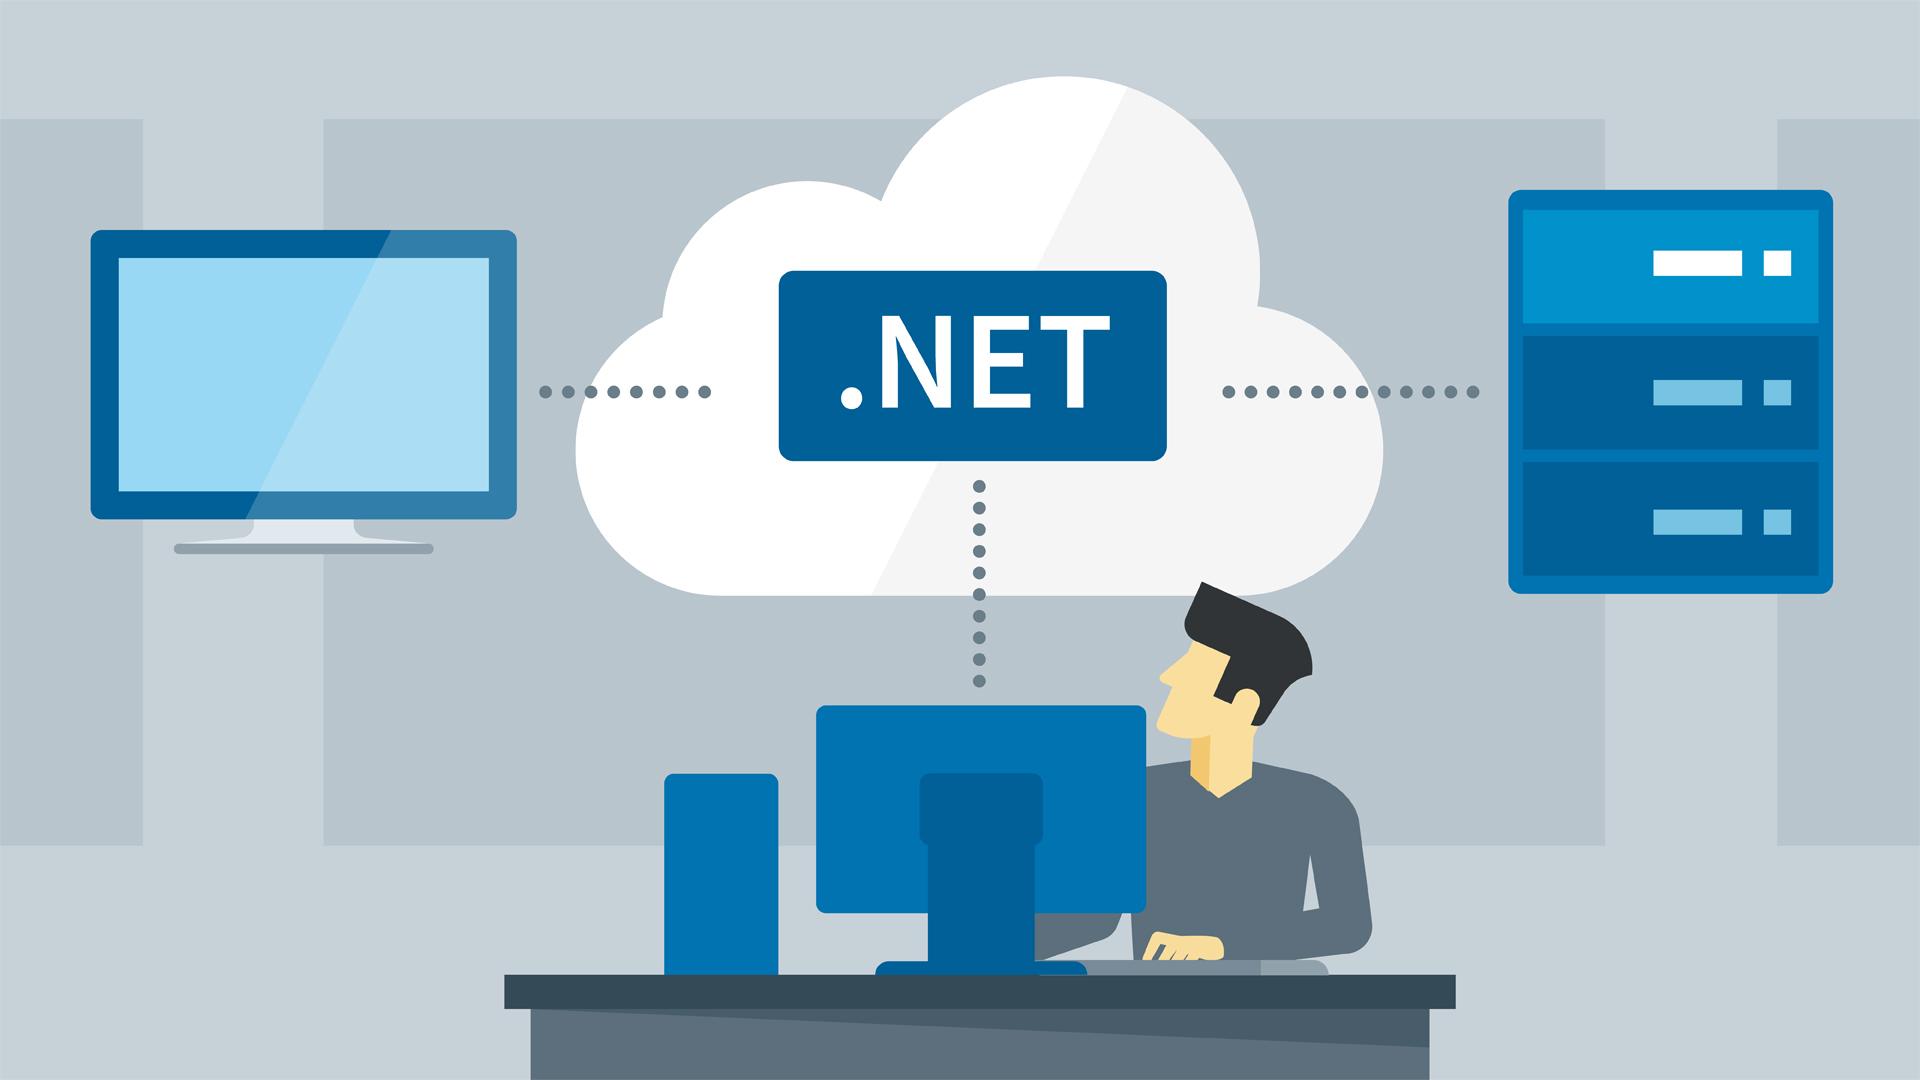 Chấm net (.net)